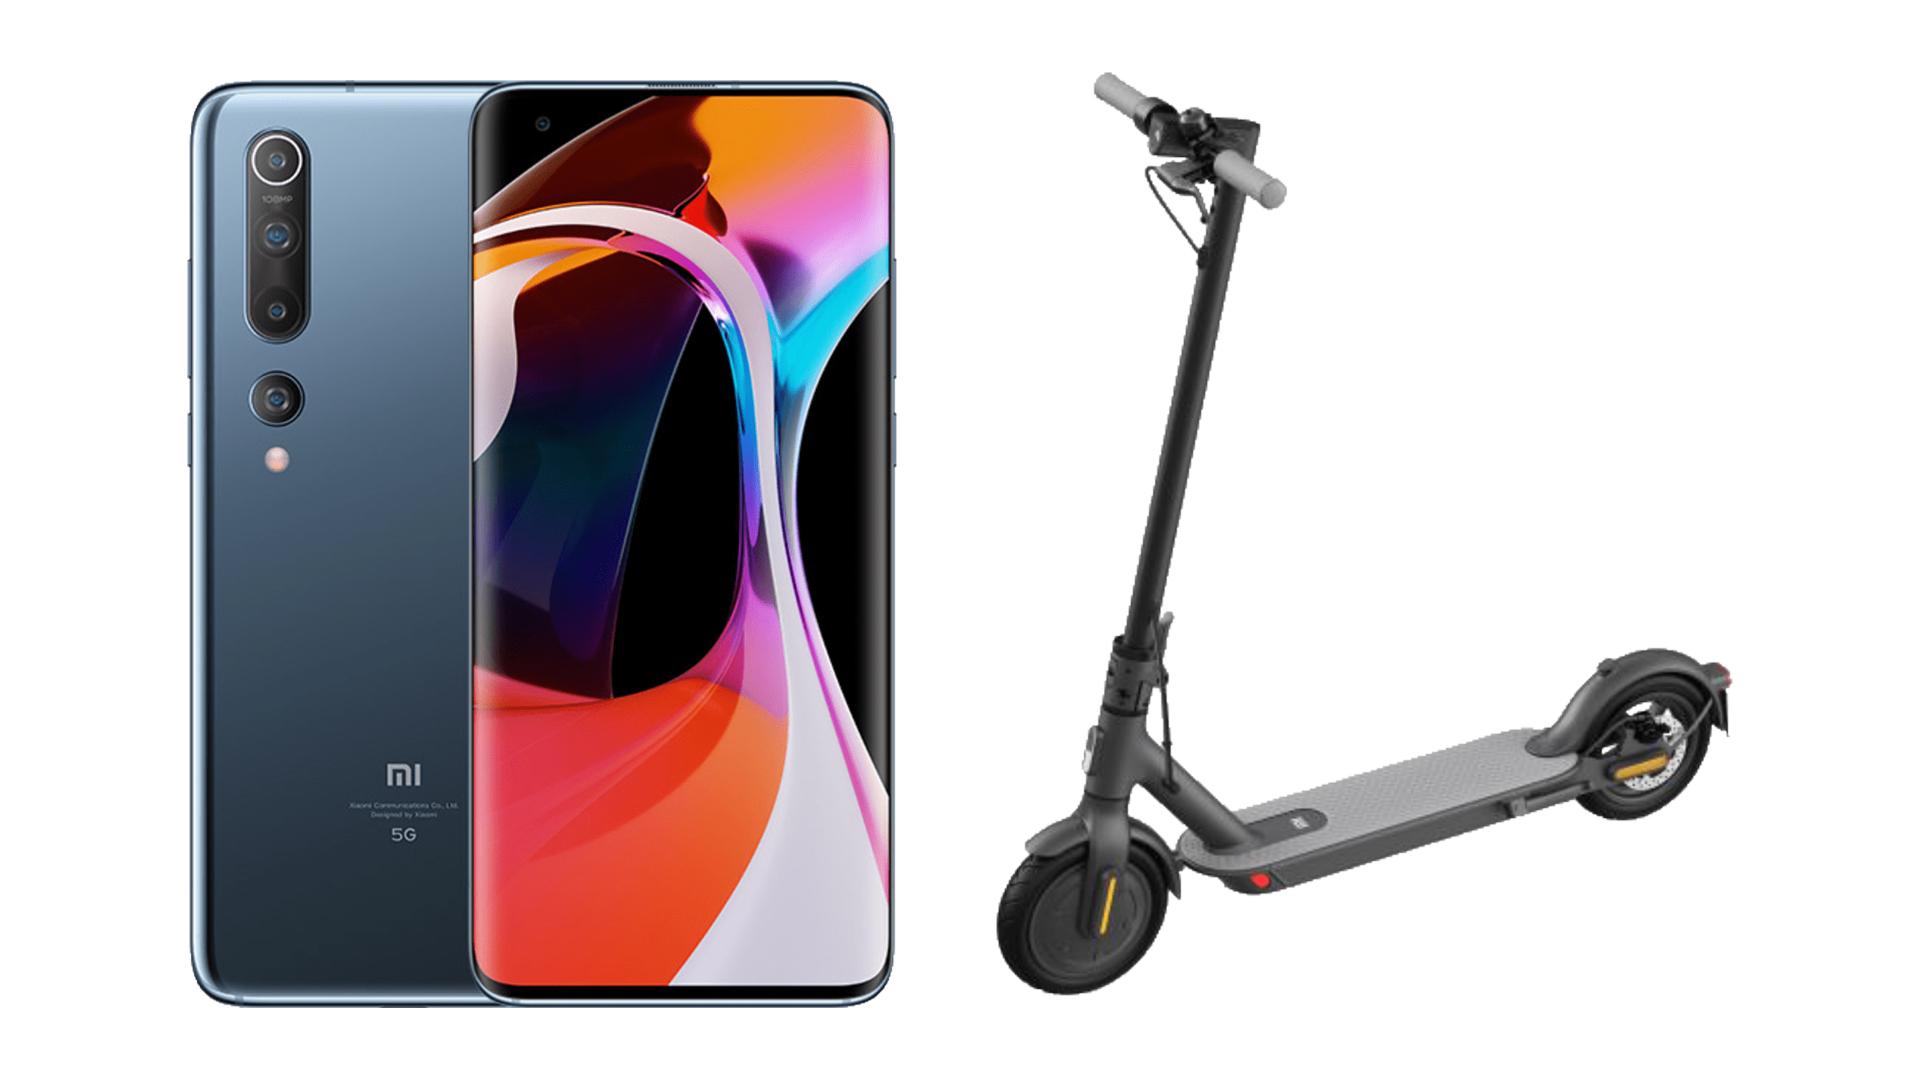 Pour 750 euros, ce pack Xiaomi Mi 10 + Mi Scooter Essential est très intéressant